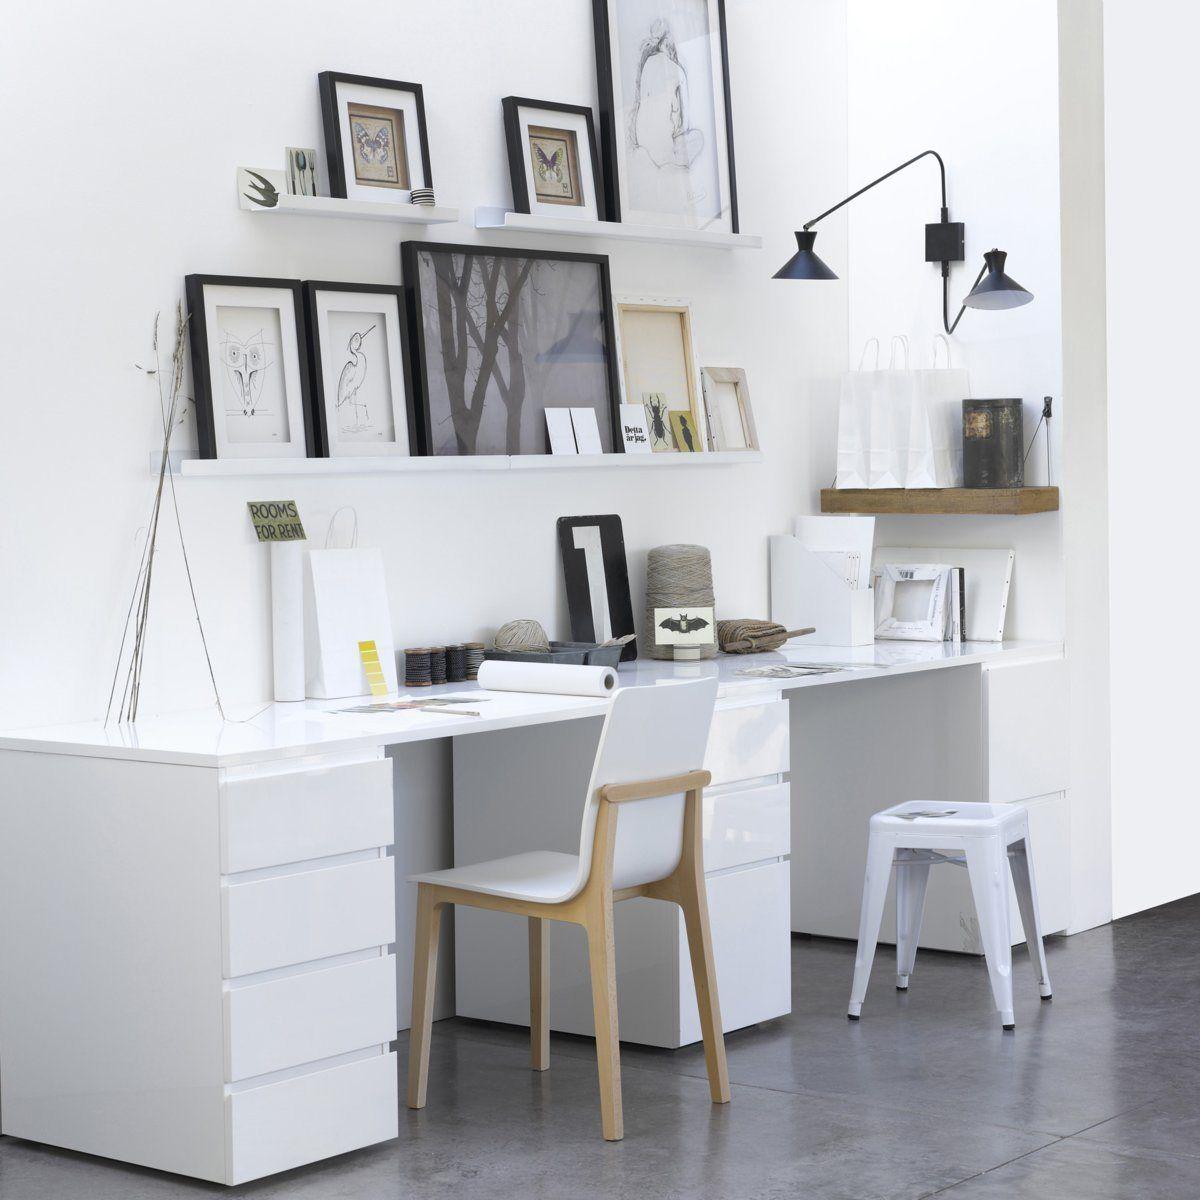 Etagère porte-cadres Gallery, métal Am.Pm | La Redoute | Office ...